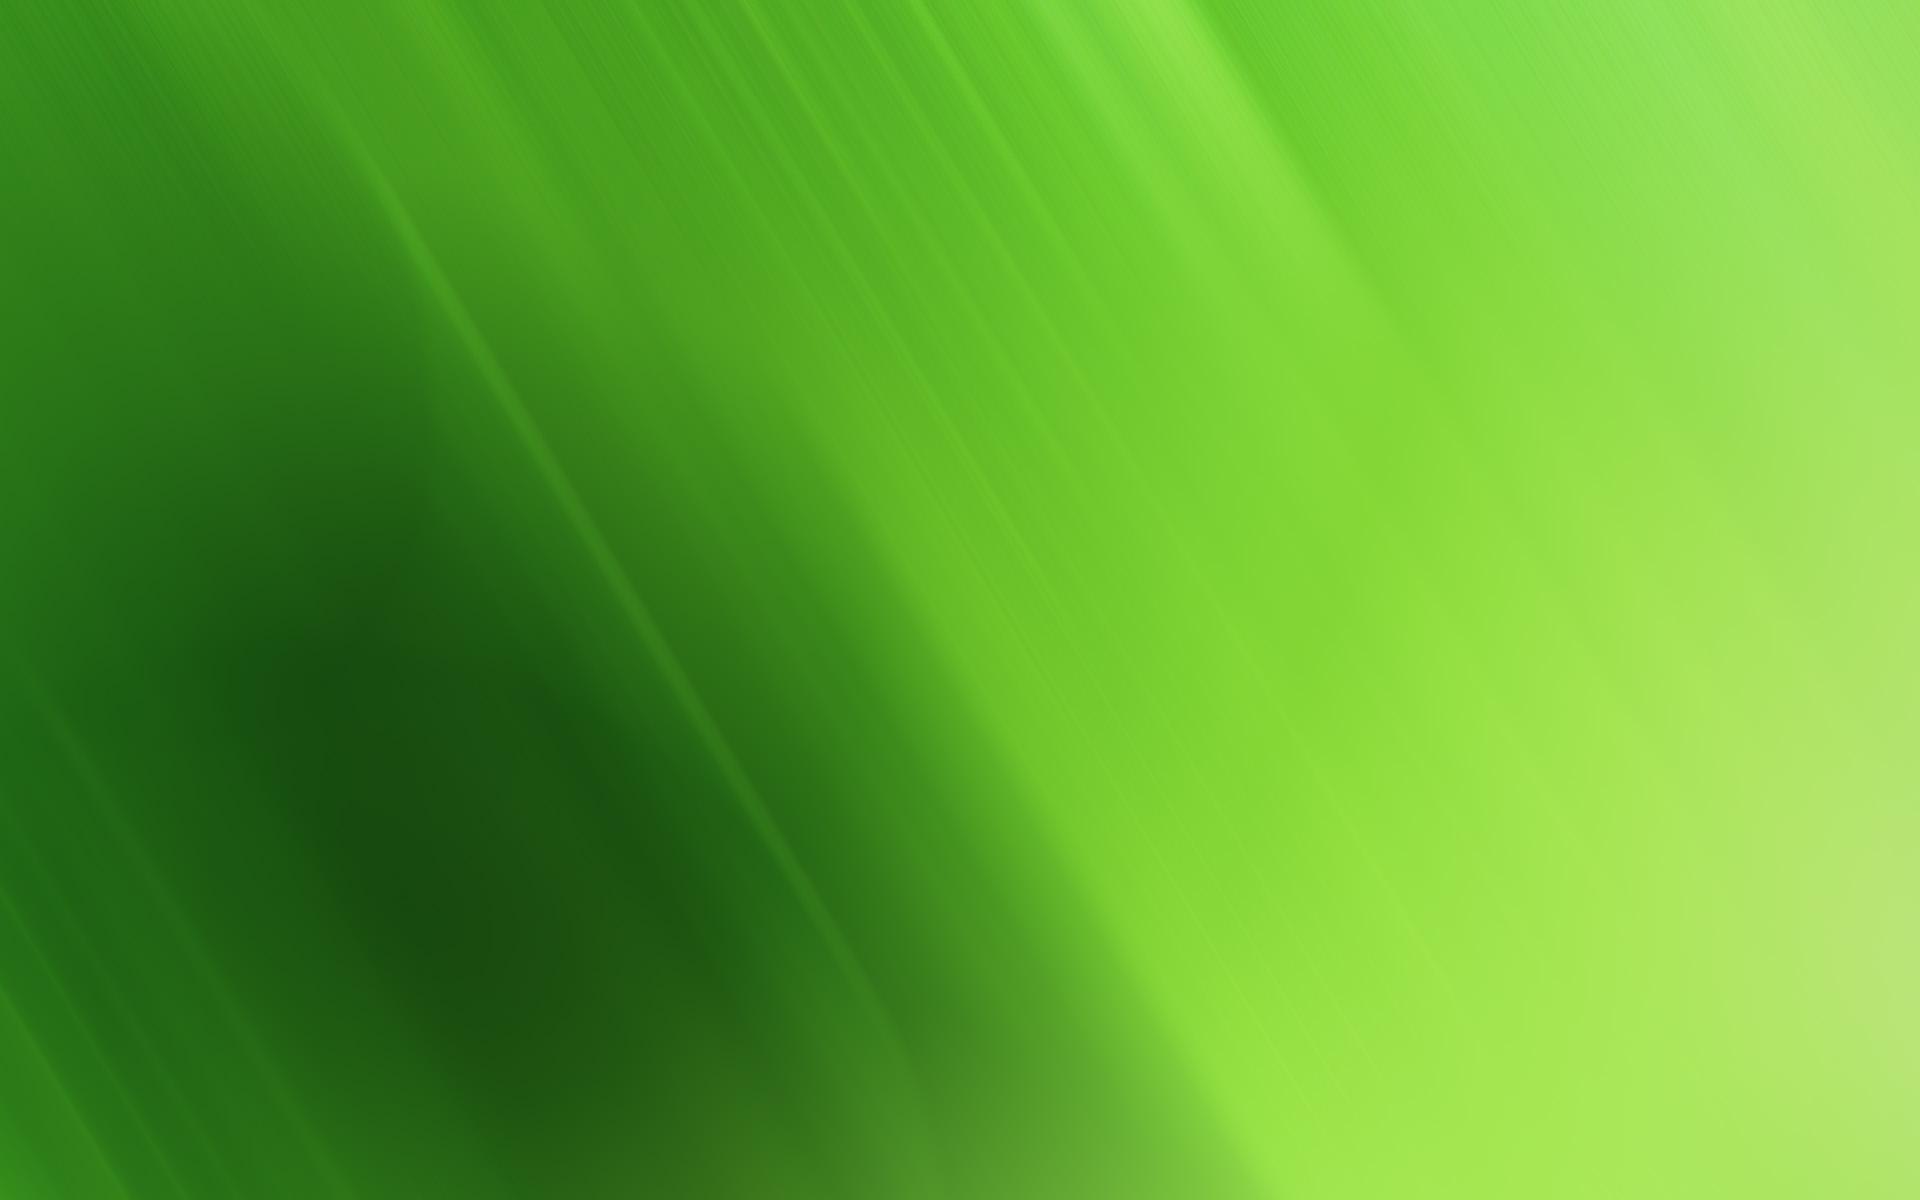 色彩背景-设计欣赏-素材中国-online.sccnn.com